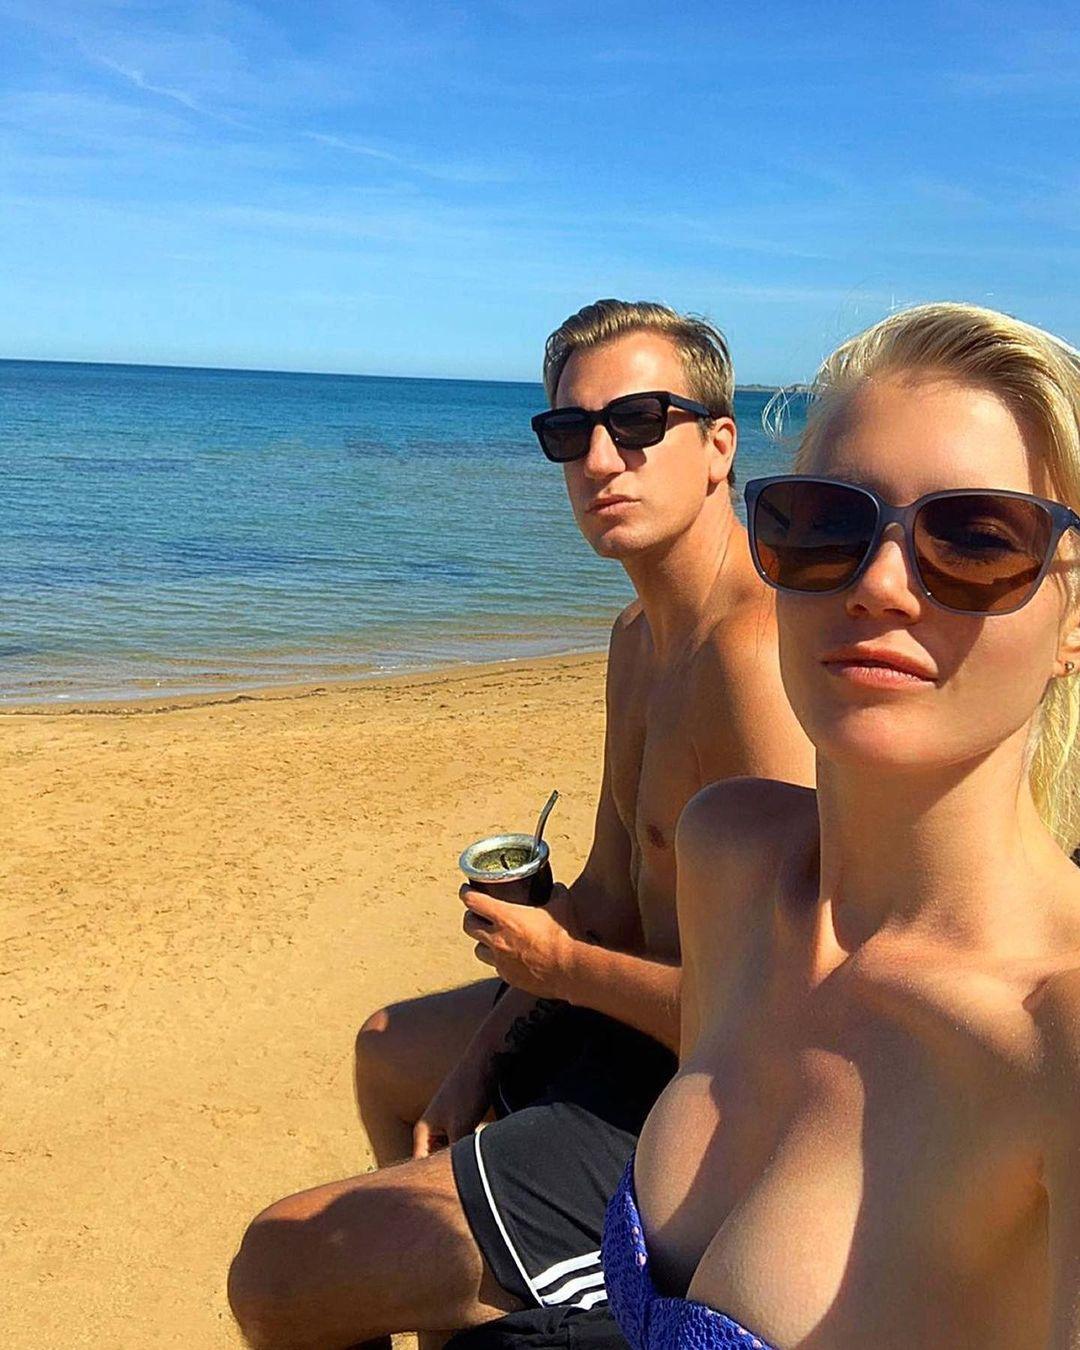 Даниэла Кристианссон – девушка Макси Лопеса. Шведская модель, с которой футболист забыл предательство Ванды